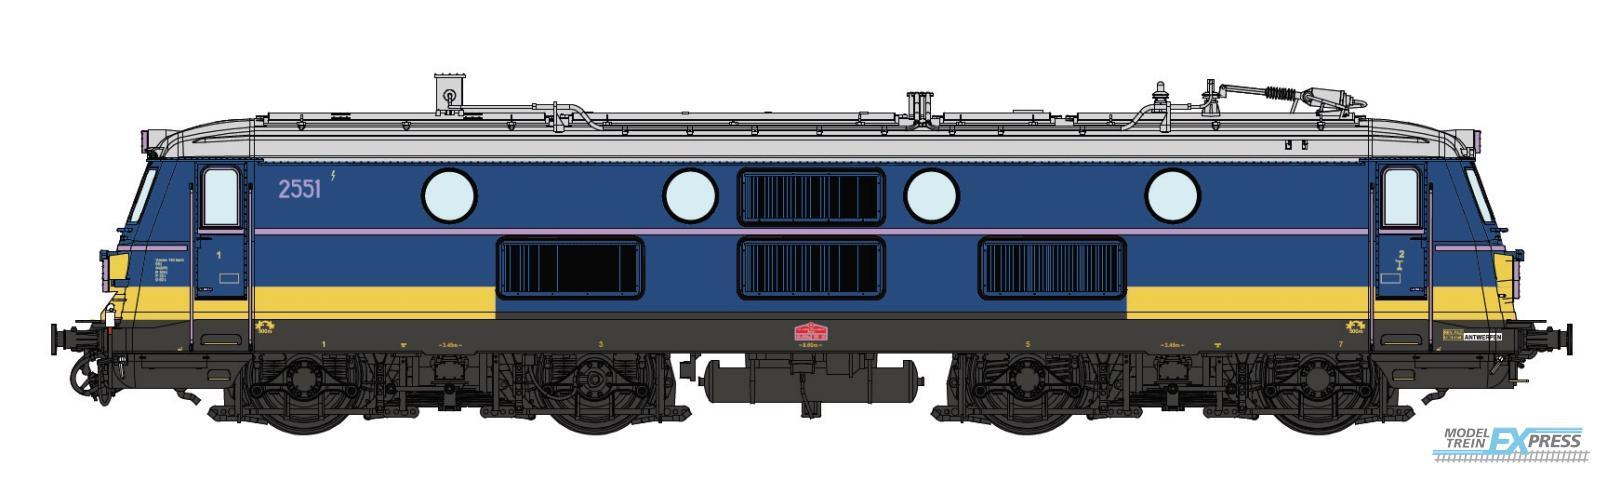 B-Models 3106.07